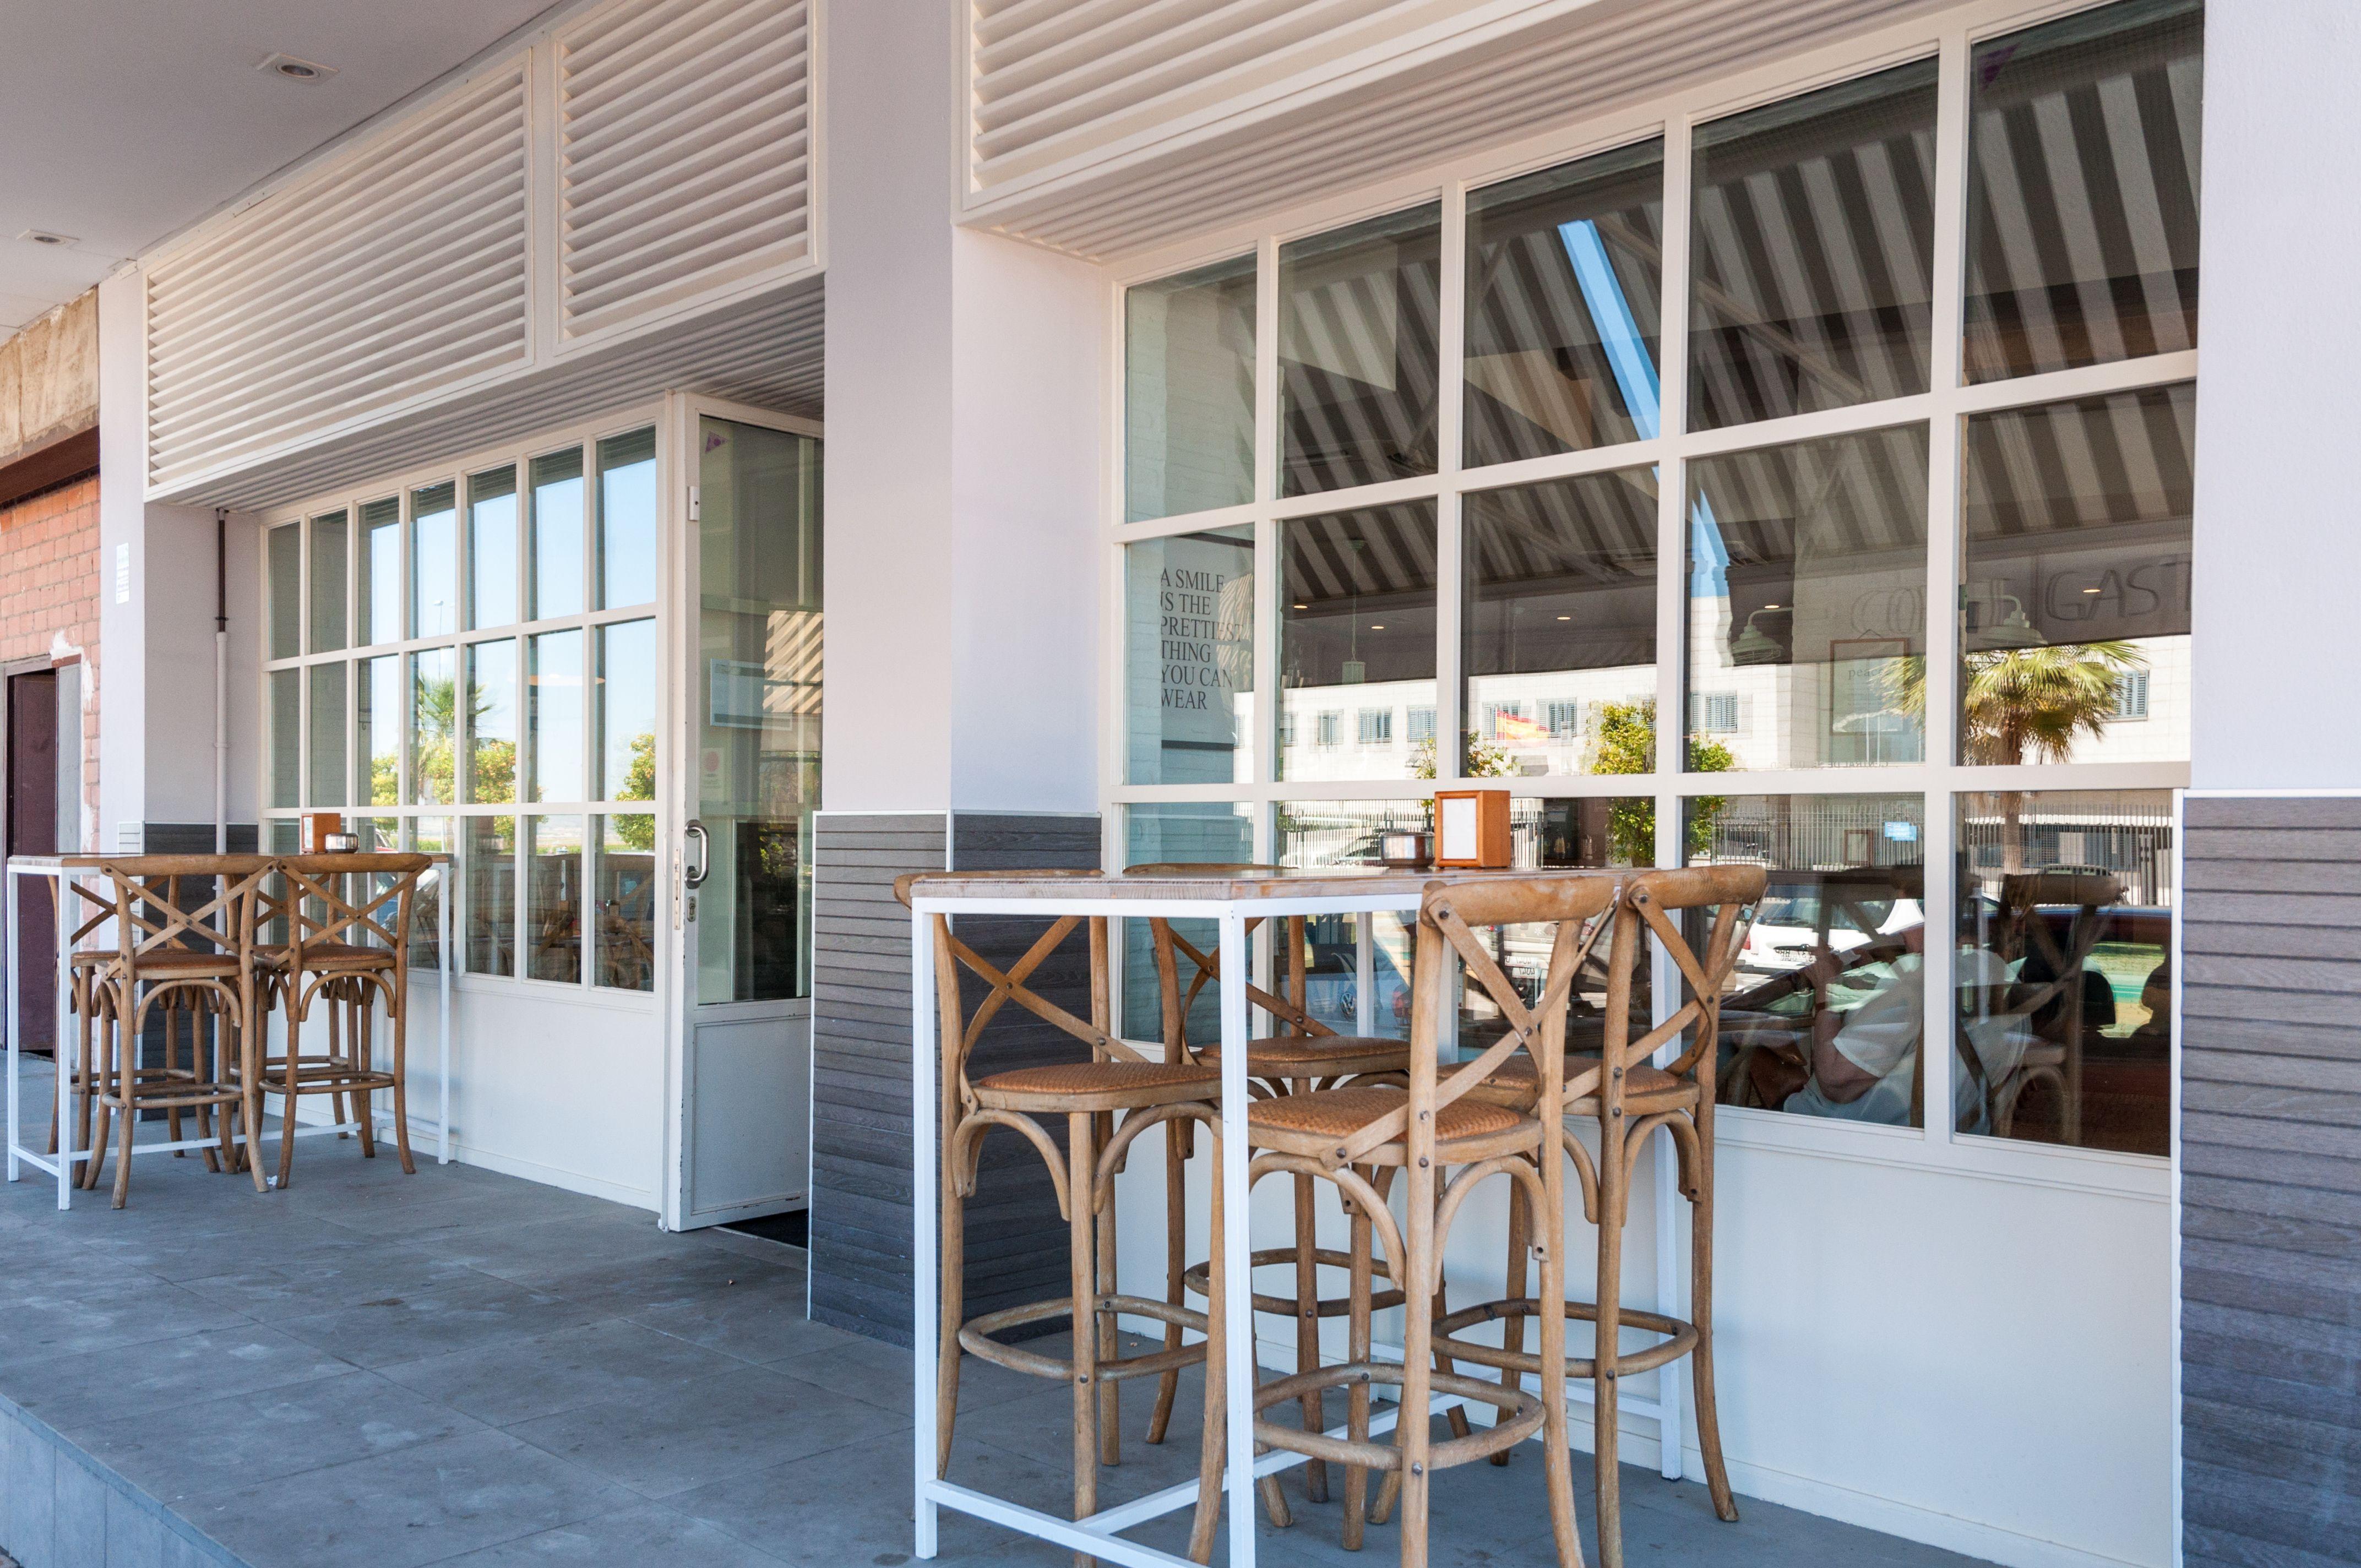 Restaurantes recomendados en La Rinconada